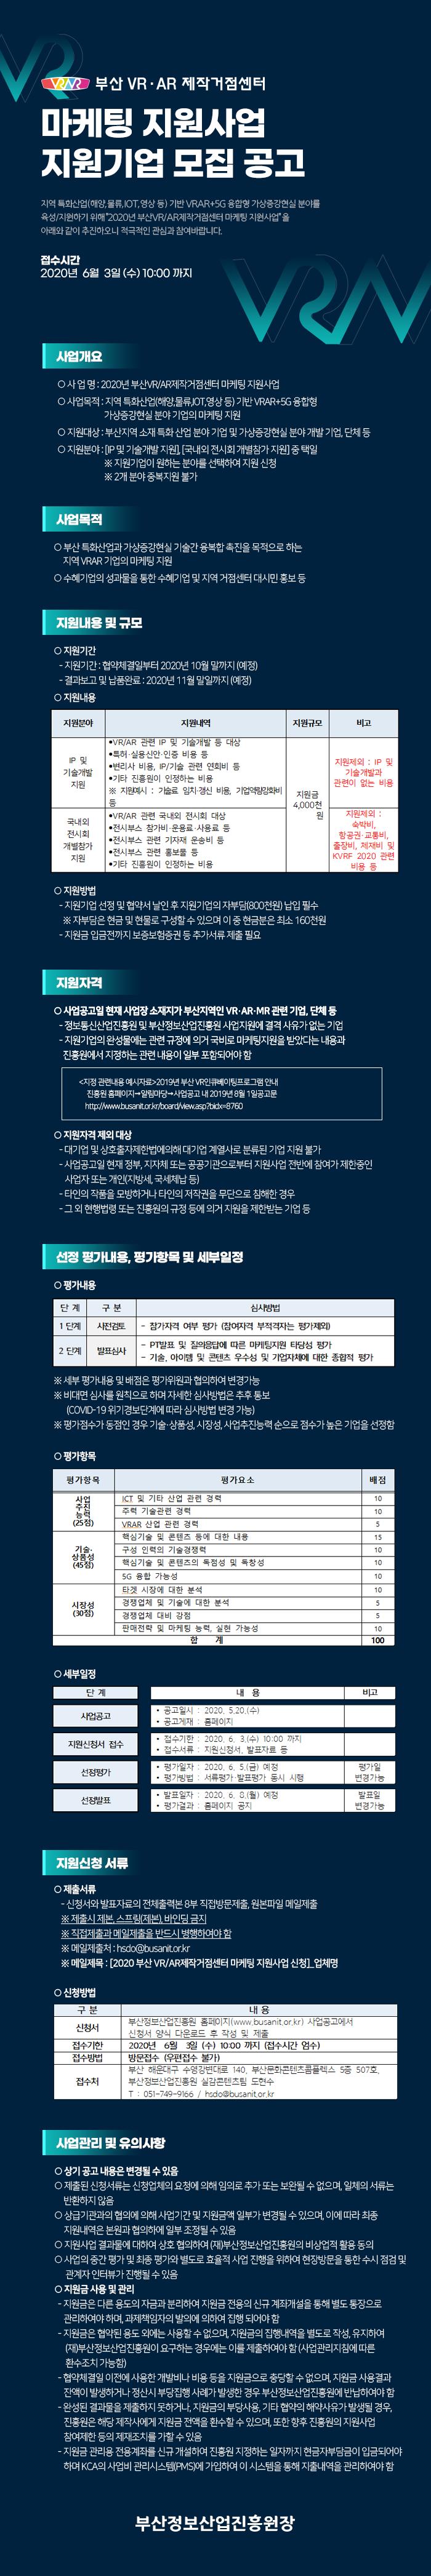 2020년 부산 VR/AR제작거점센터 마케팅 지원사업 지원기업 모집 공고